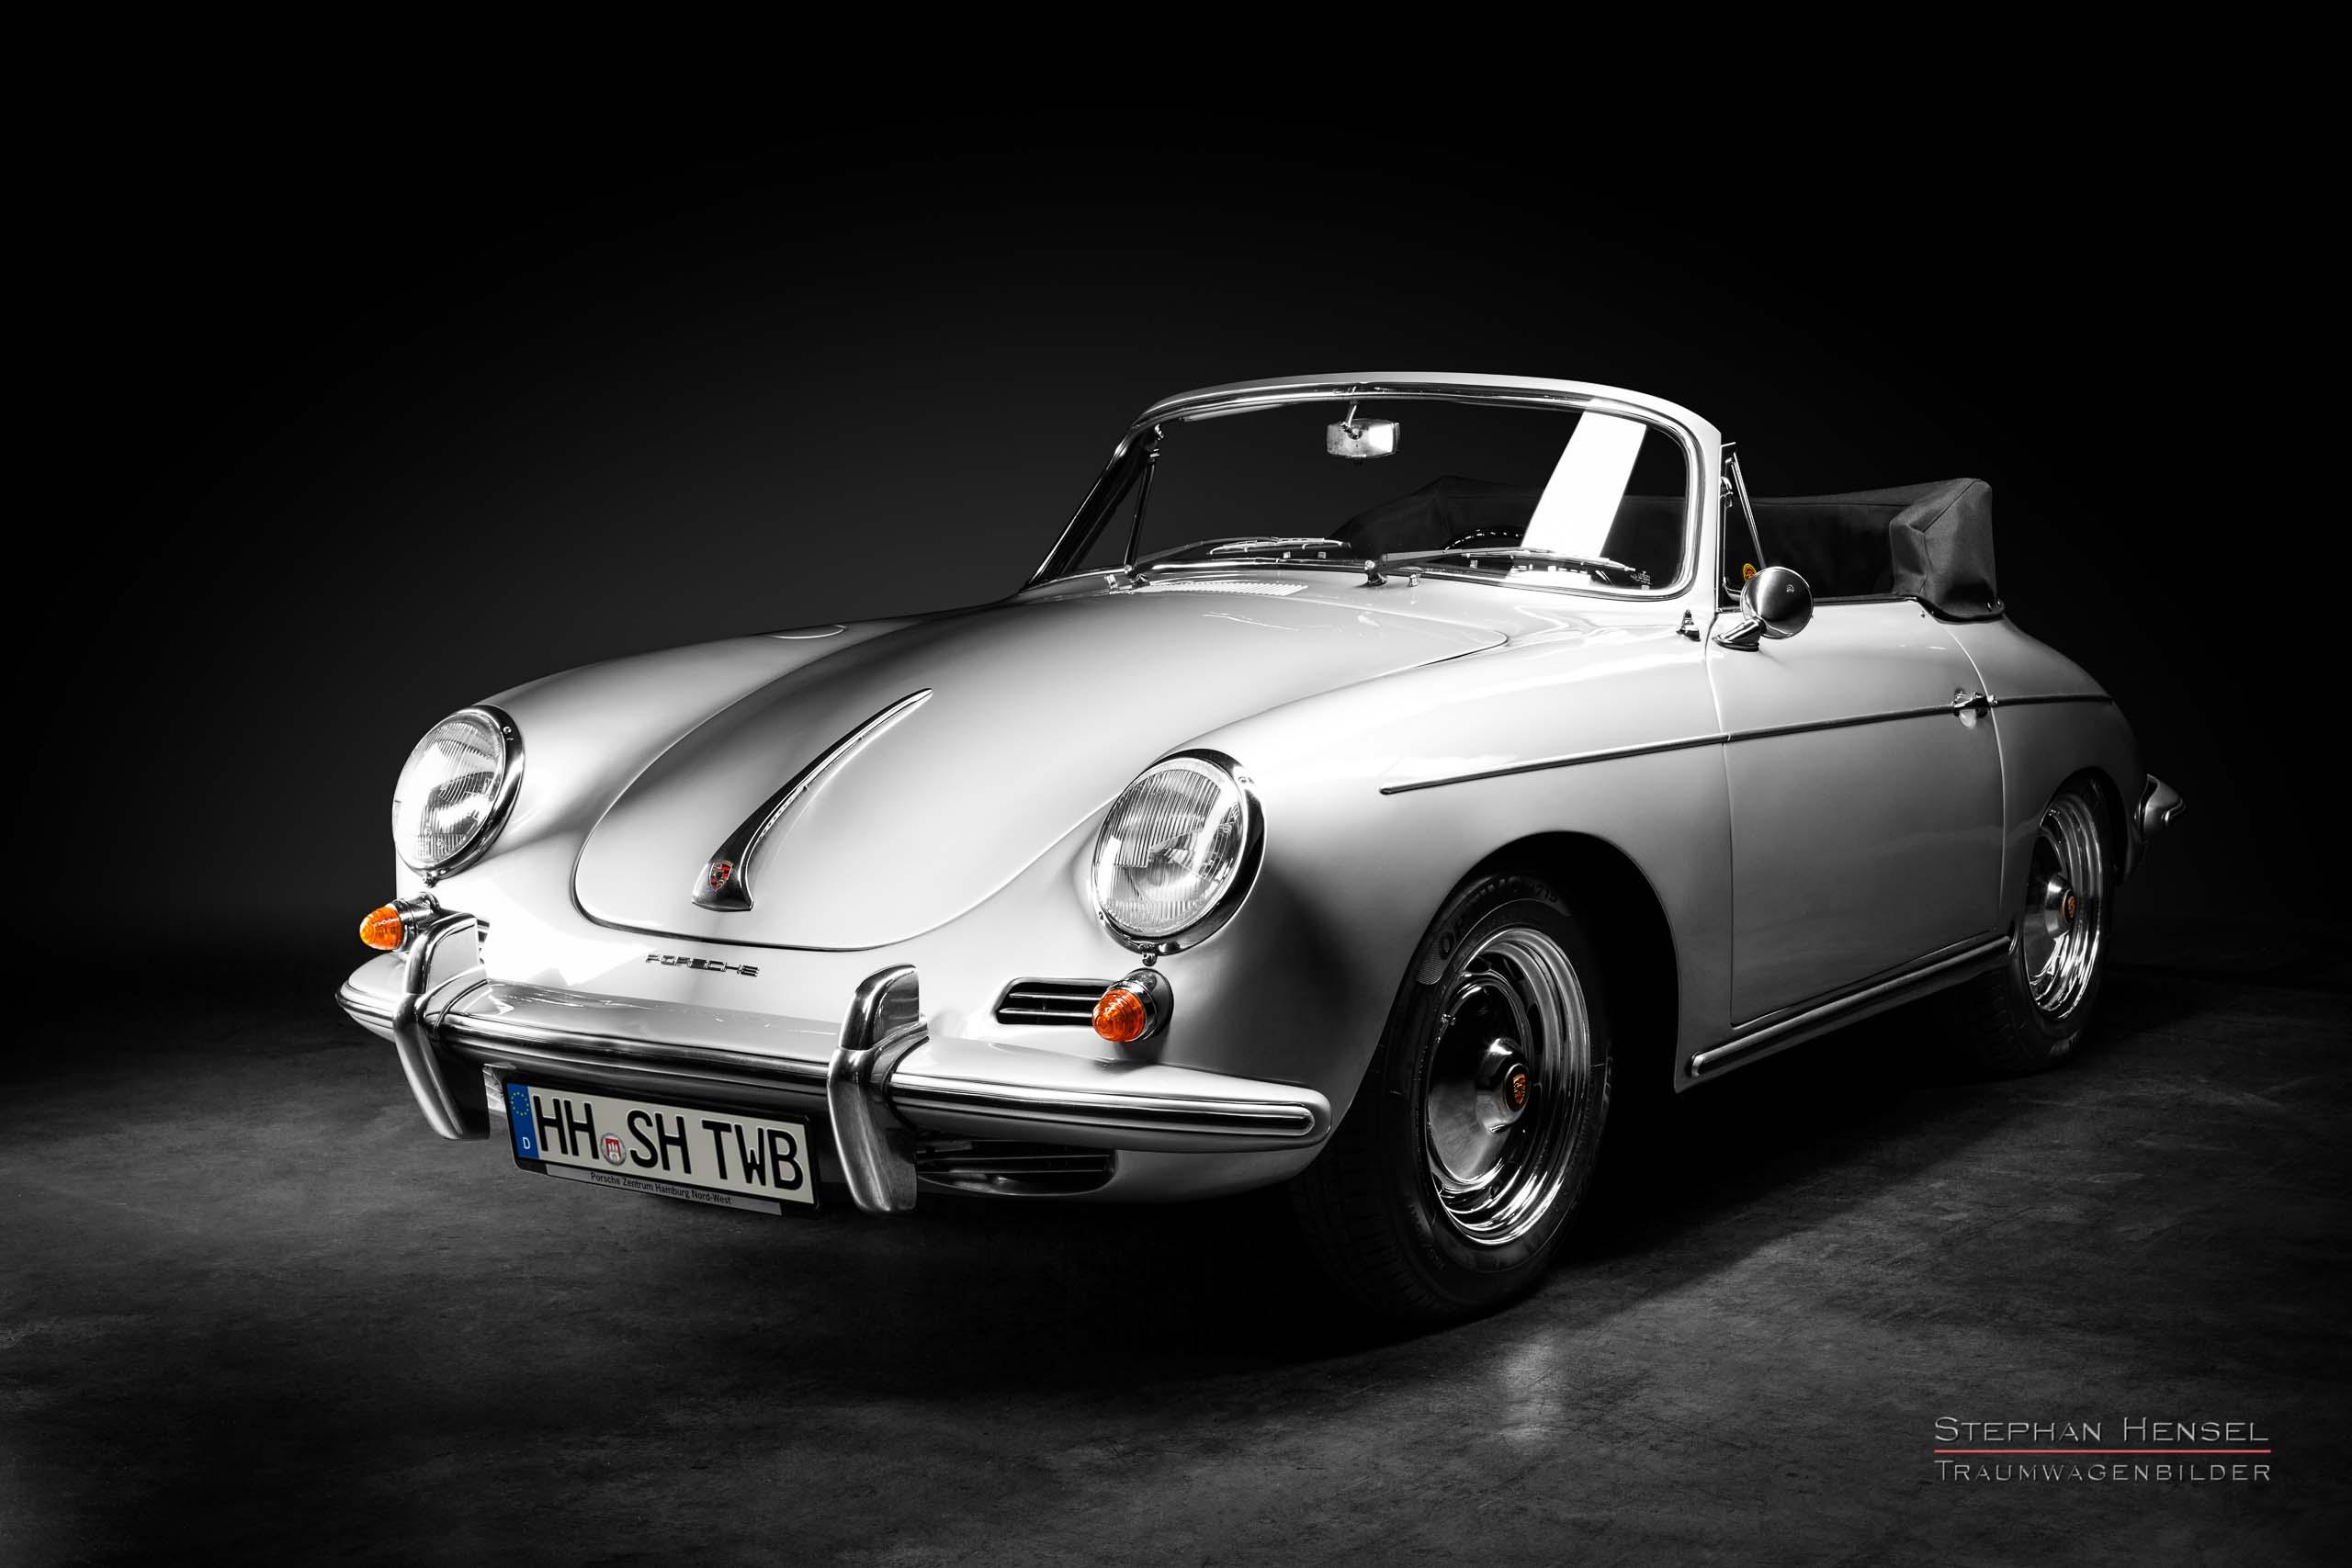 Porsche 356 B, Ansicht von links vorn, Autofotografie: Stephan Hensel, Hamburg, Oldtimerfotograf, Autofotograf, Automobilfotograf, Oldtimerfotografie